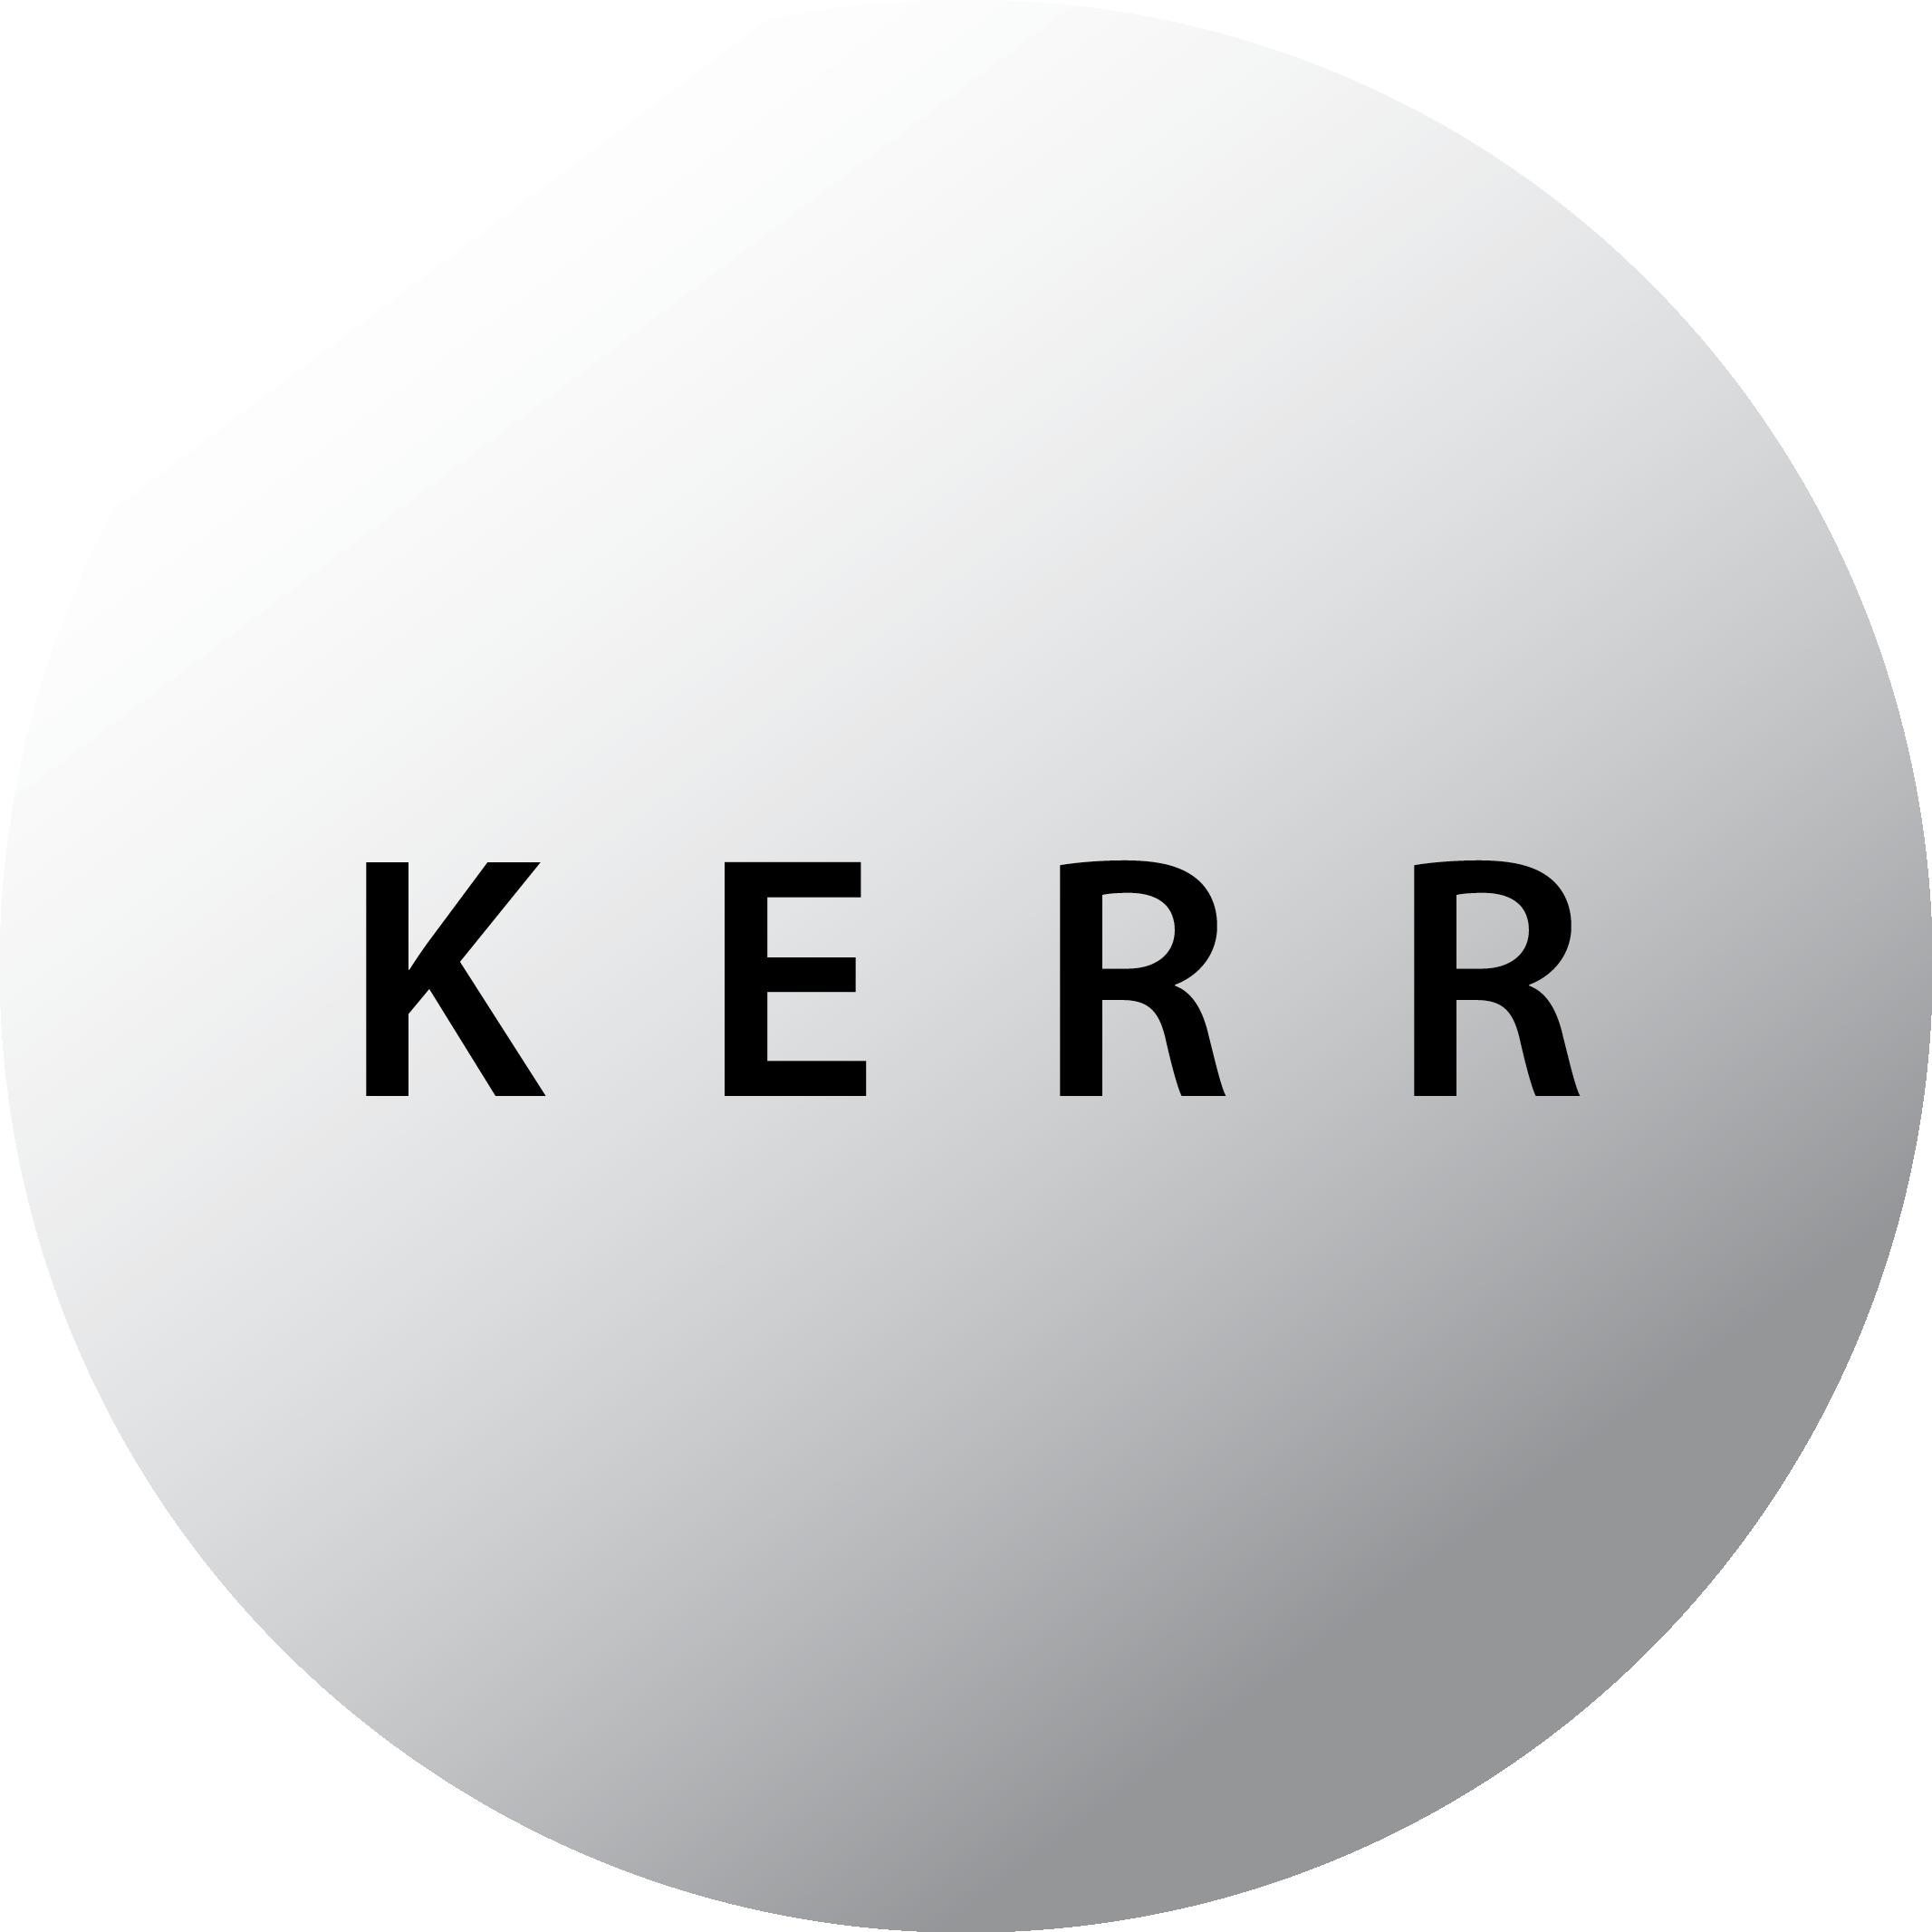 Les Kerr Creative on LogoLounge